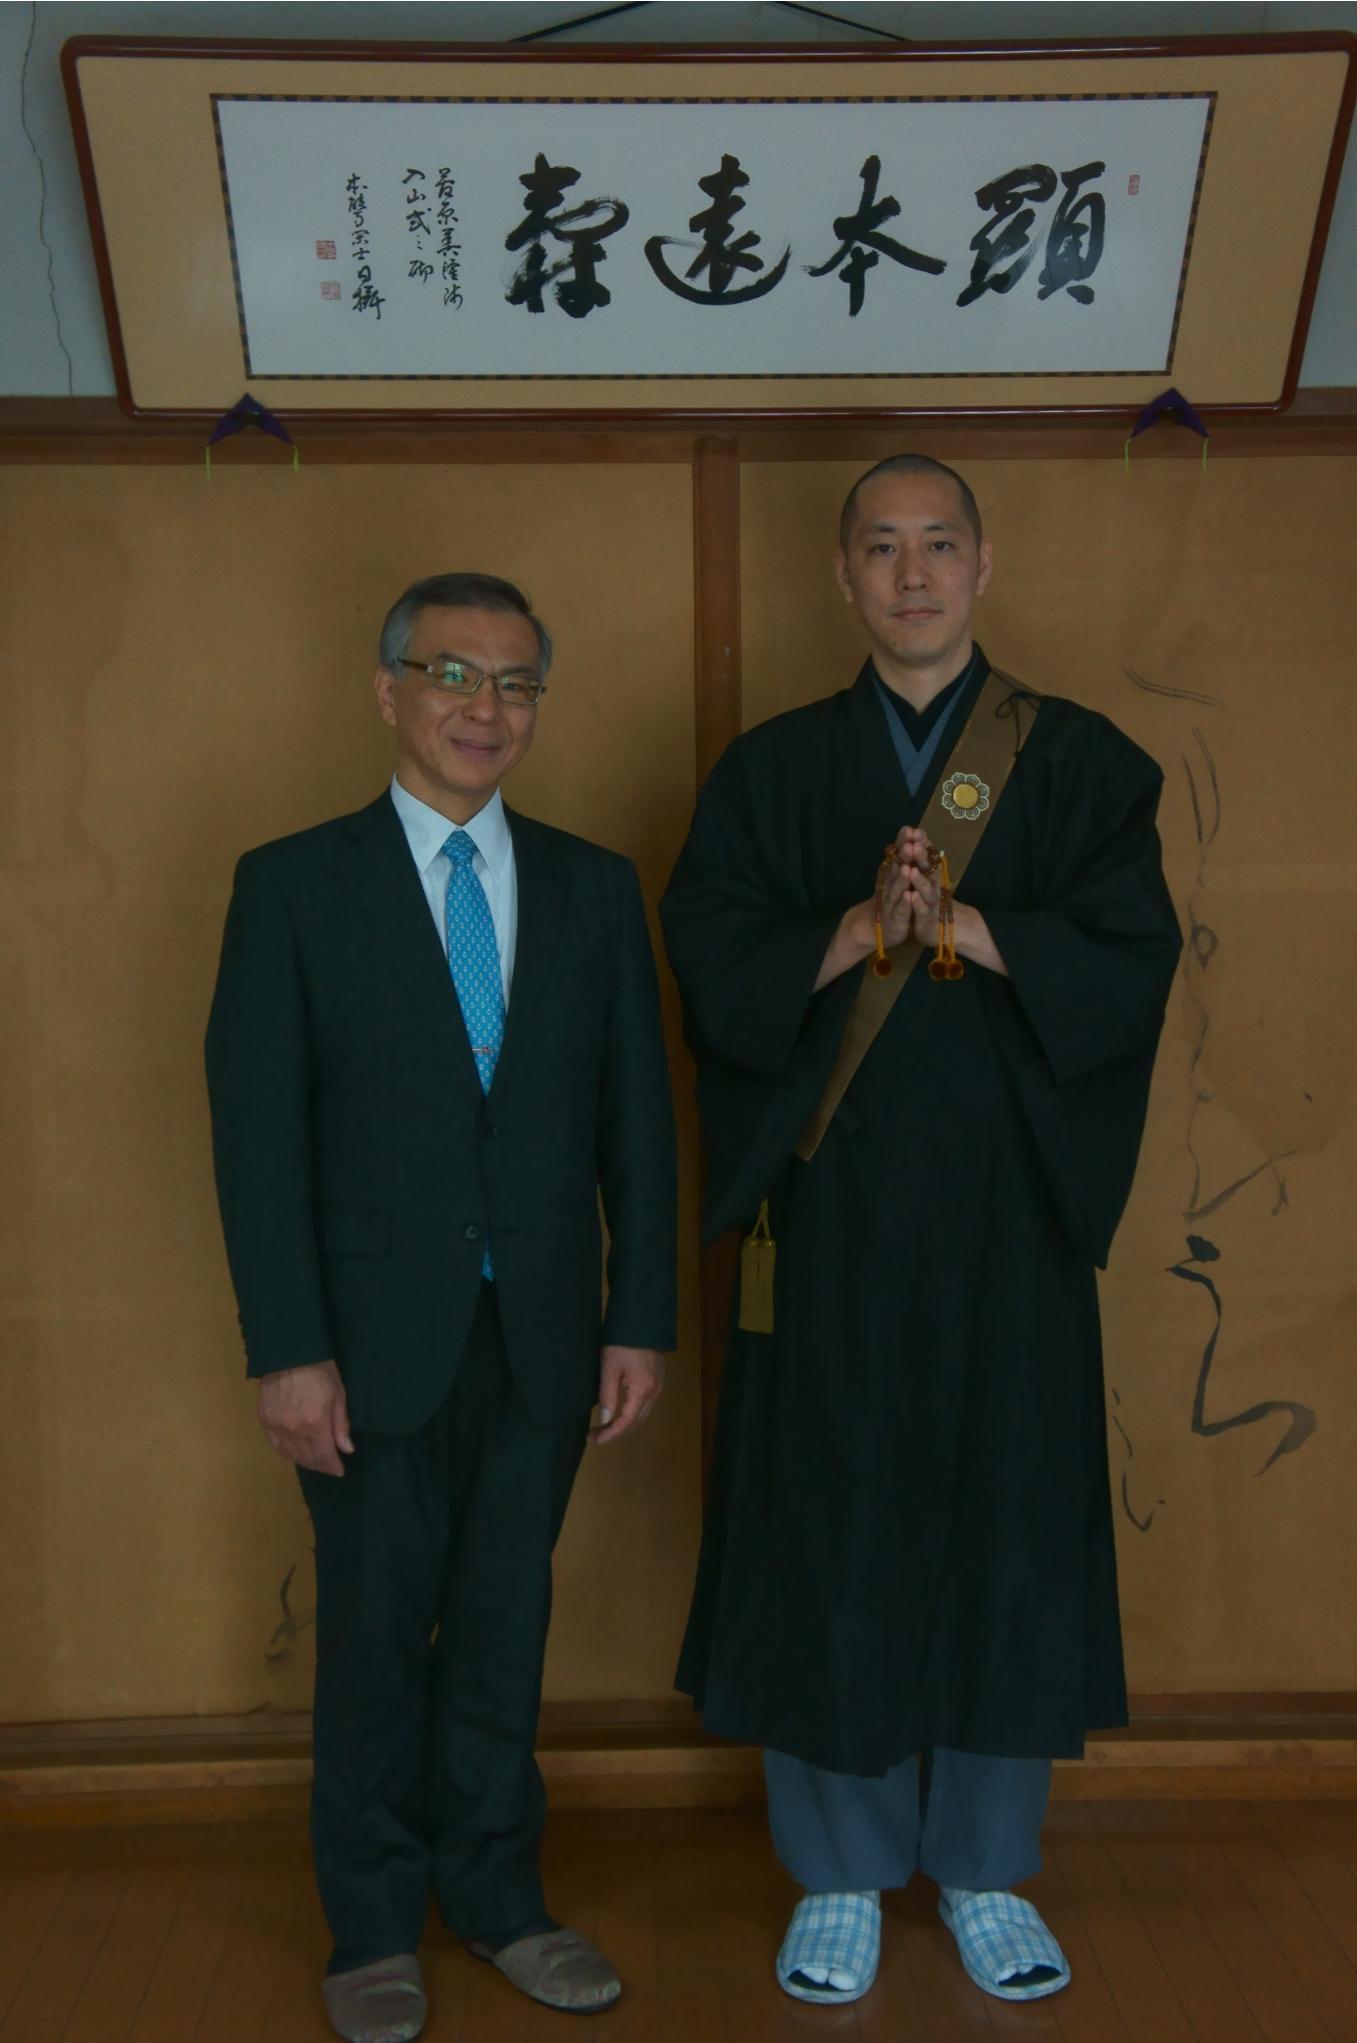 第6回 隆達忌講演会⑤小野先生と菅原住職